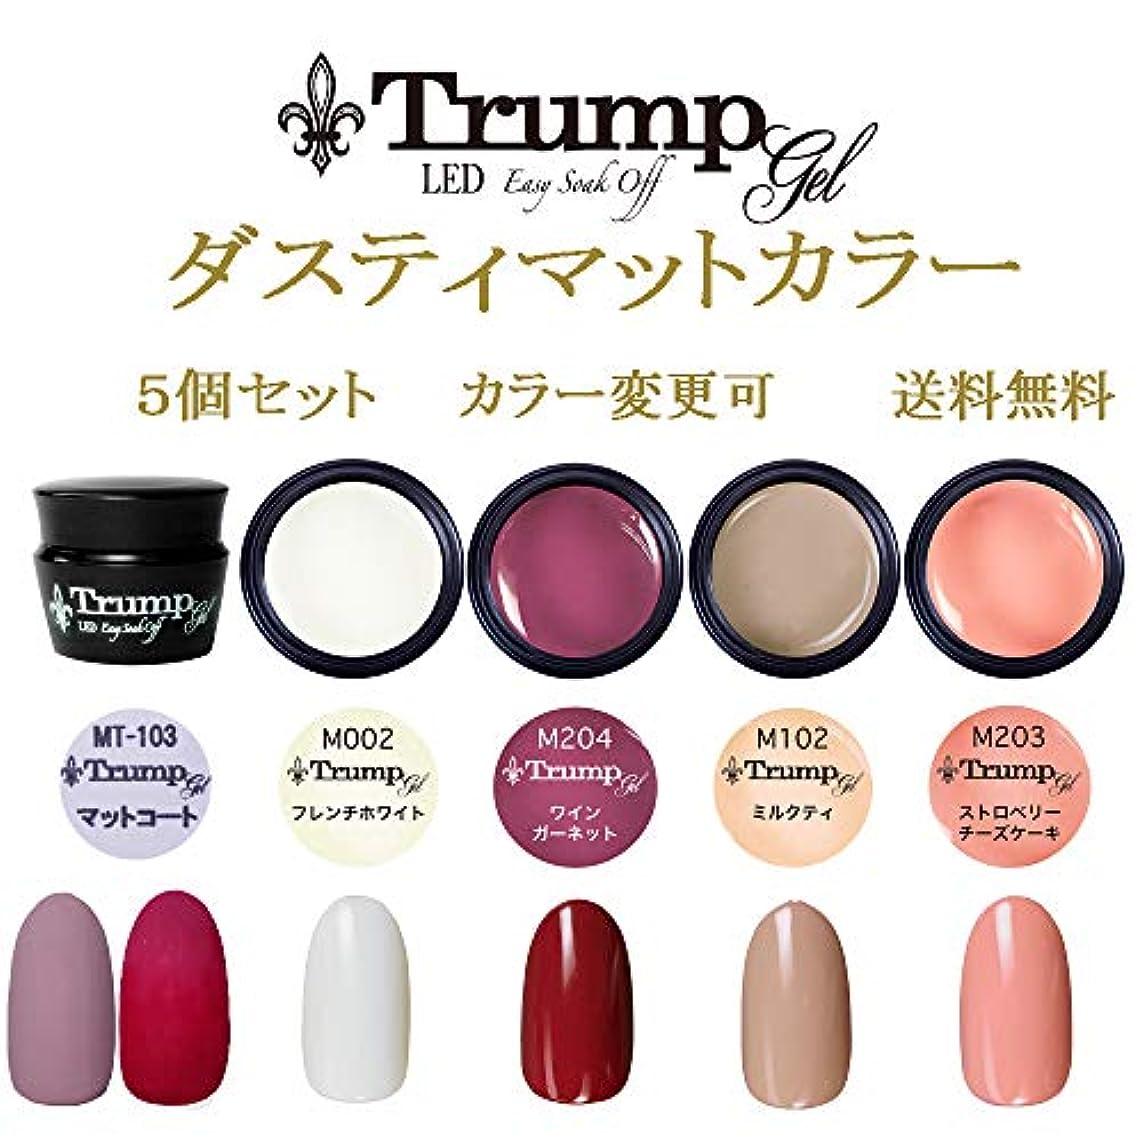 逃すテンポコンバーチブル【送料無料】日本製 Trump gel トランプジェル ダスティマット カラージェル 5個セット 魅惑のフロストマットトップとマットに合う人気カラーをチョイス